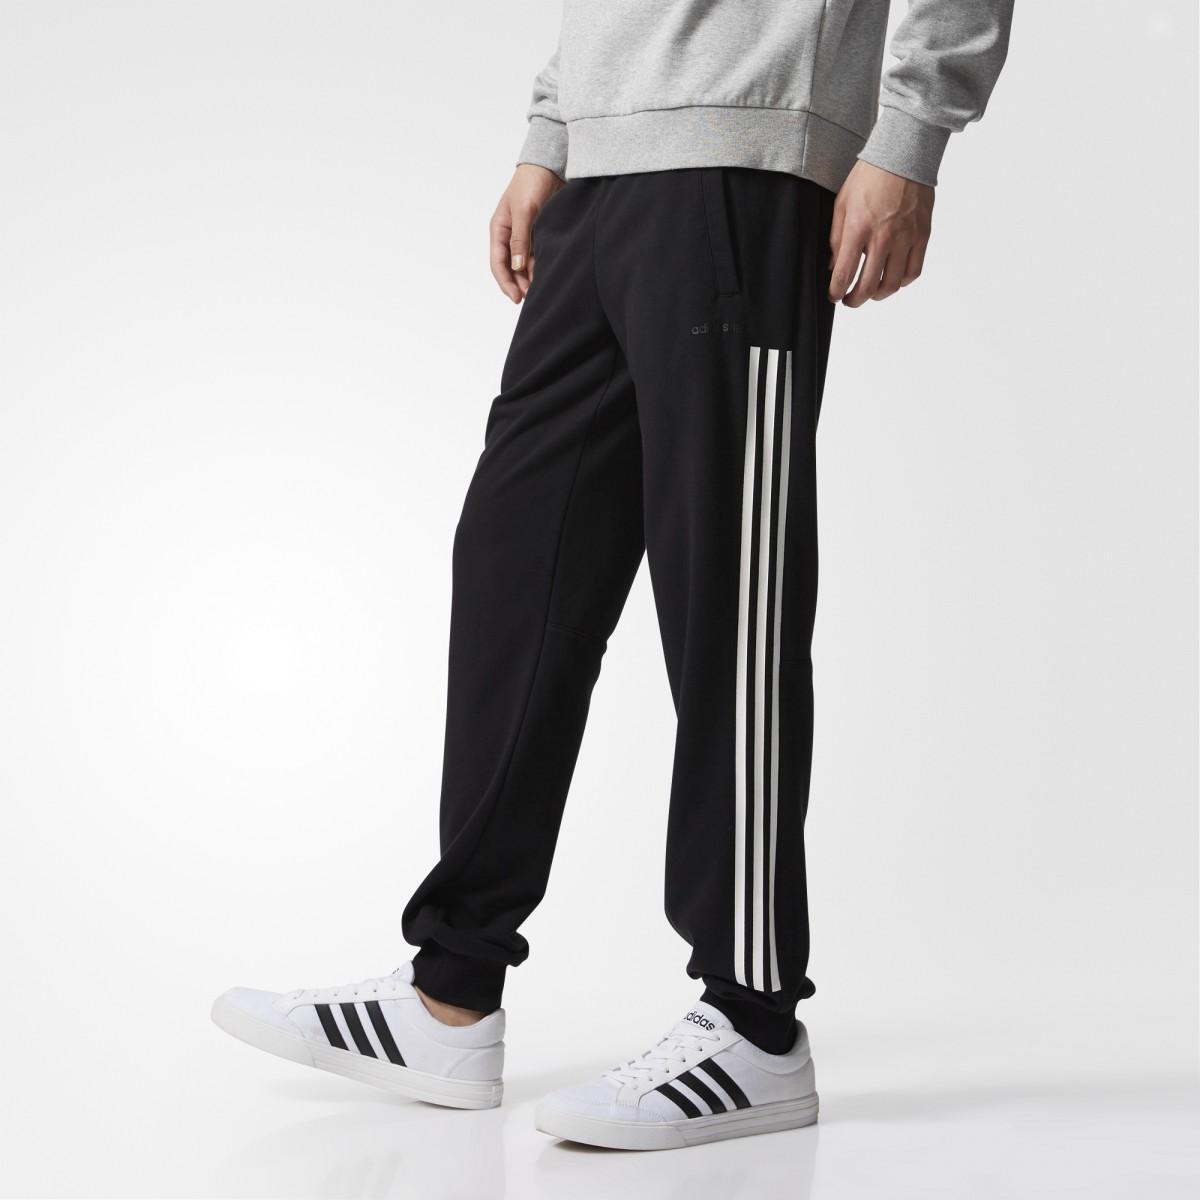 Adidas celana olahraga panjang 3 stripes tracking pant - CD2346 - hitam